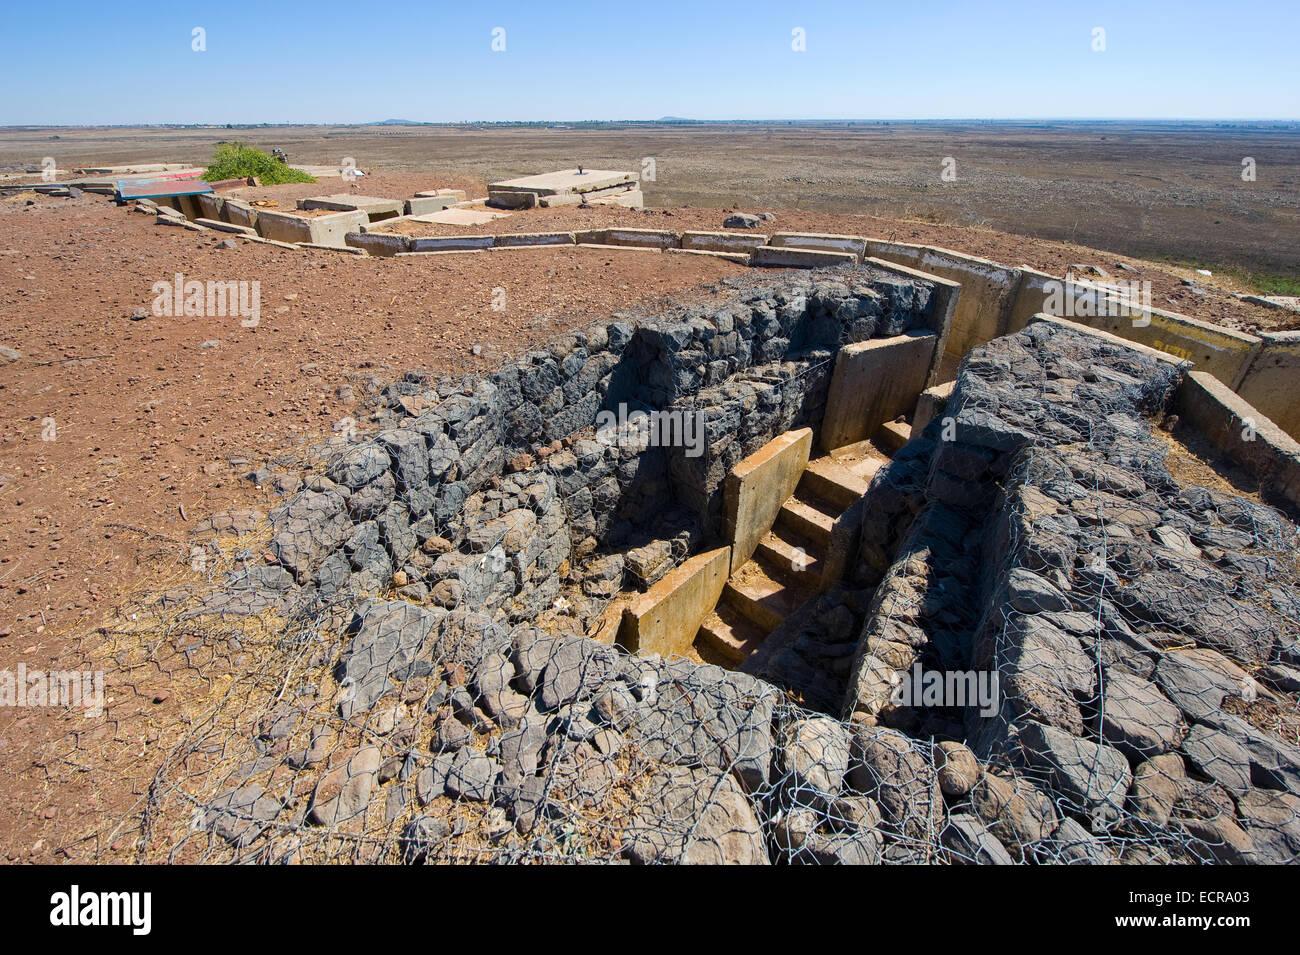 Ingresso di un bunker a 'tel e-saki' vicino al confine della Siria sulle alture del Golan Immagini Stock